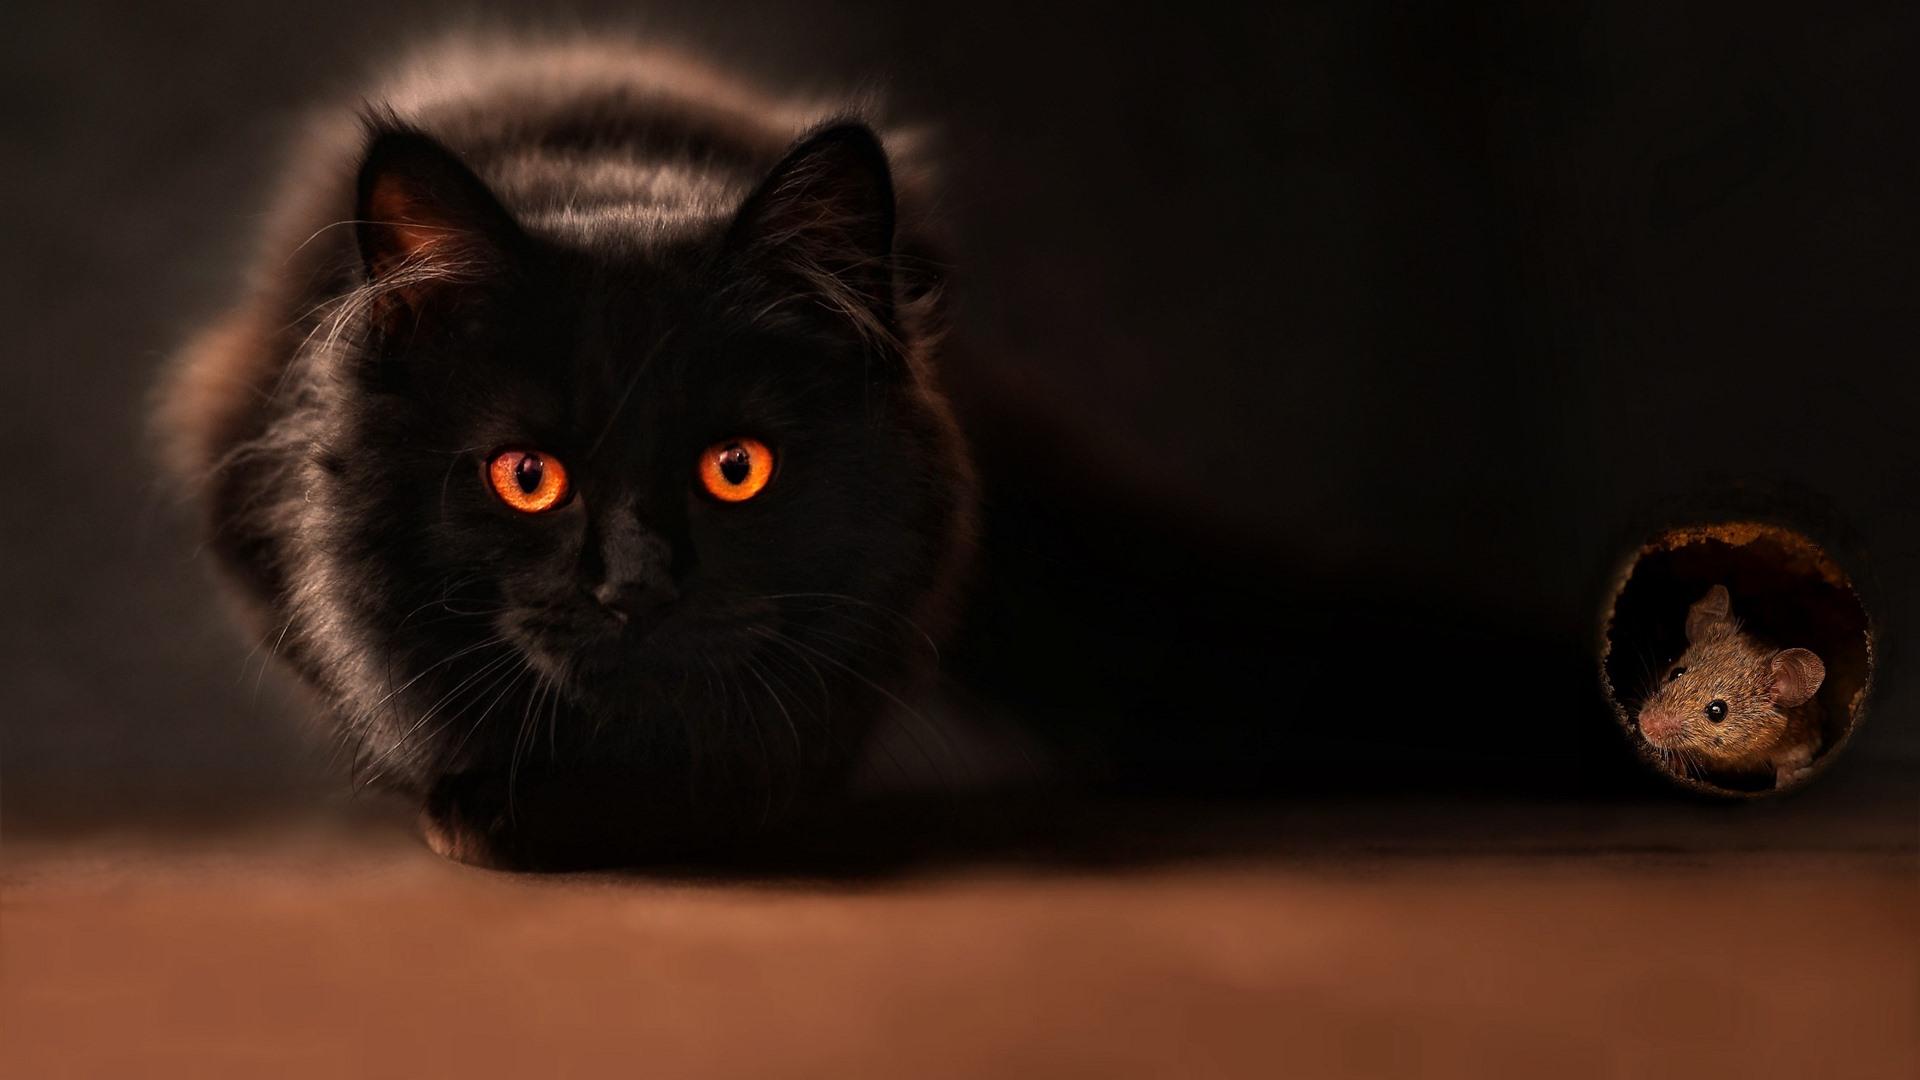 壁紙 黒猫 オレンジ目 マウス 2560x1600 Hd 無料のデスクトップの背景 画像